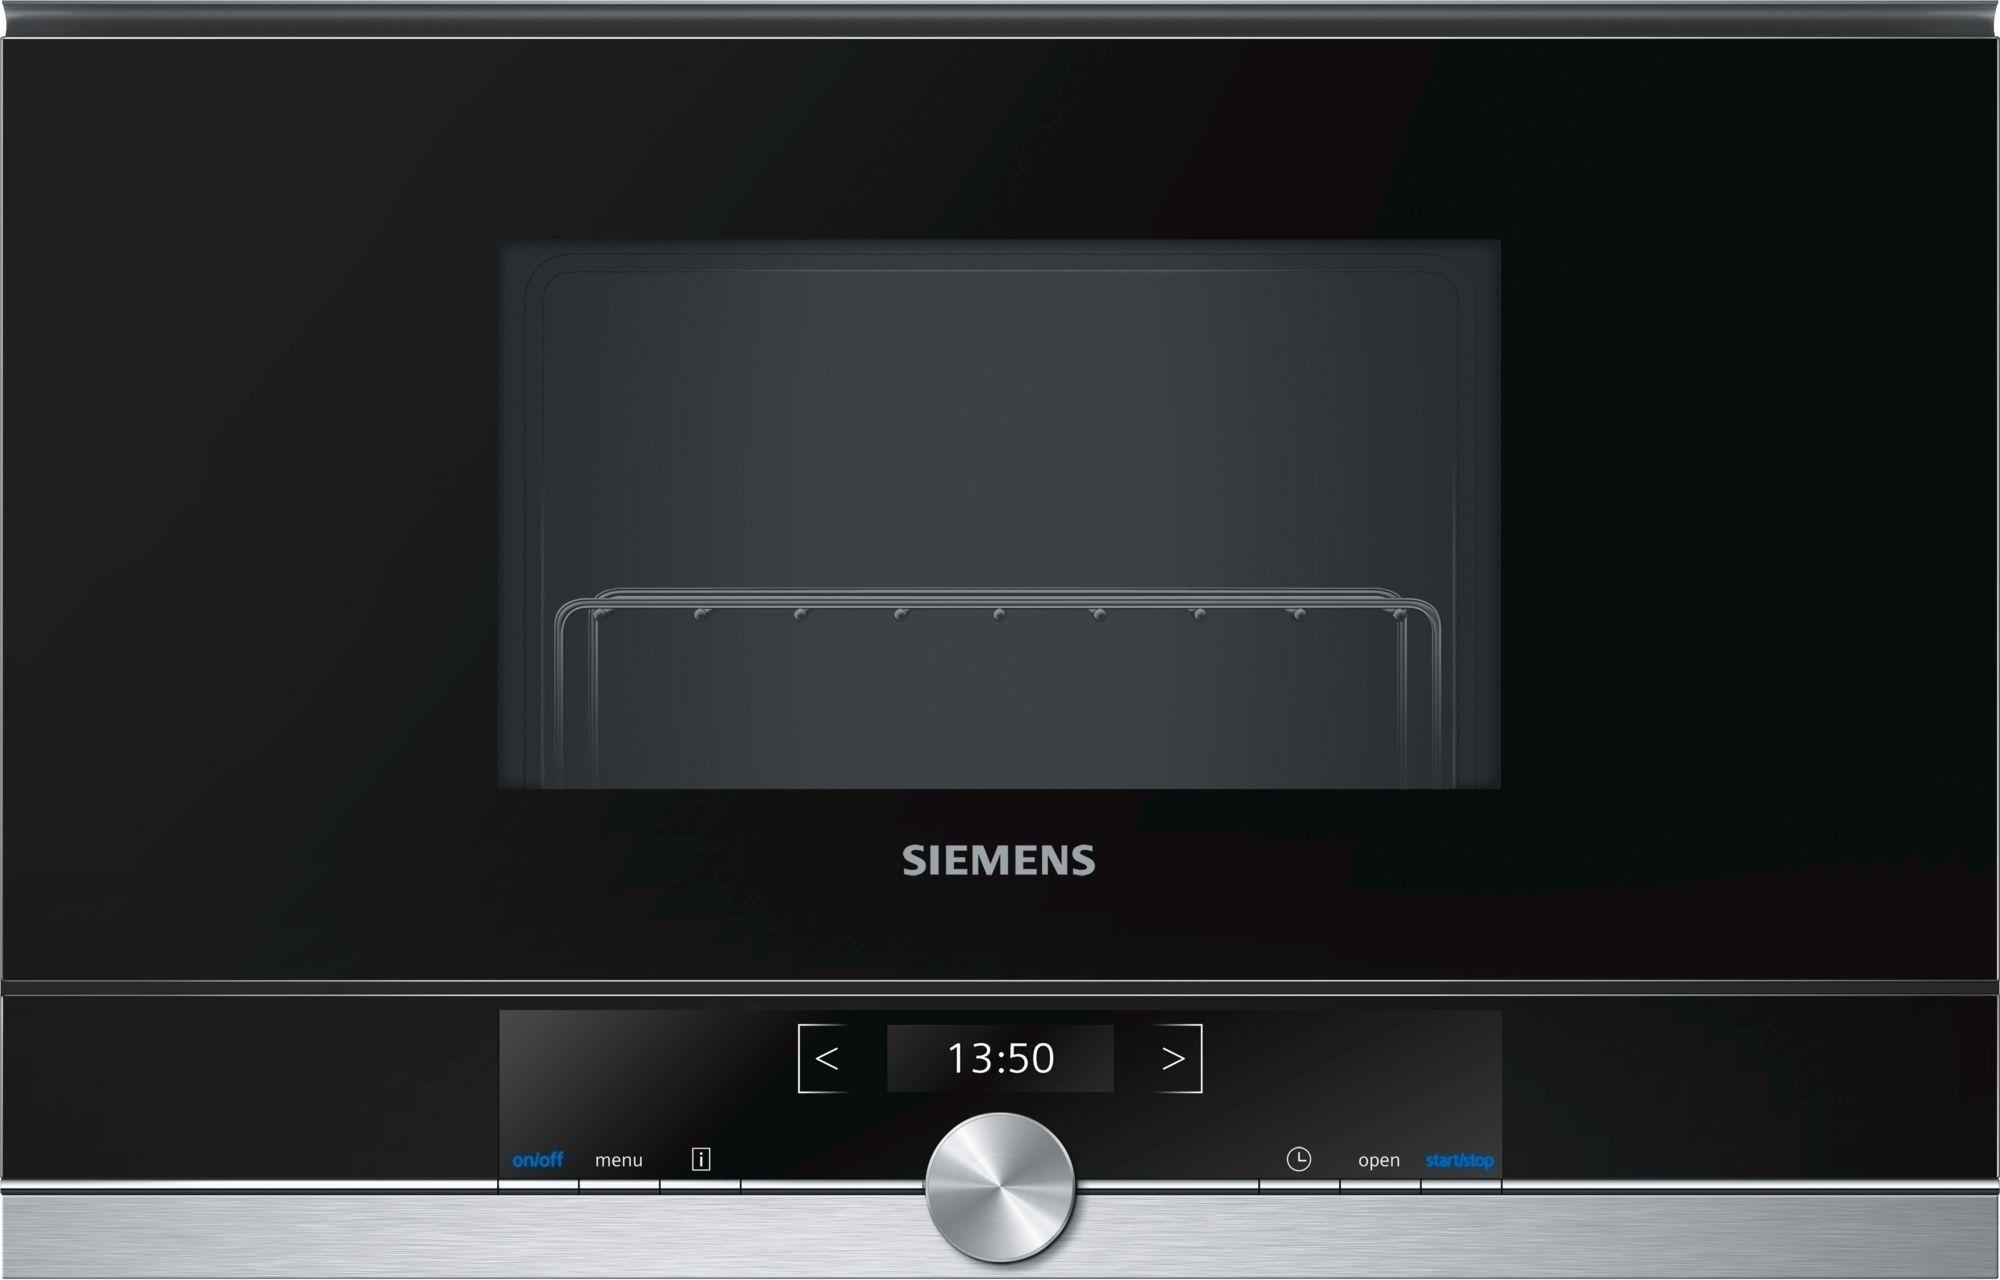 Mikrofala Siemens BE634LGS1 sLine i 100 zł do wykorzystania na BP lub EMPIK ! I tel. (22) 266 82 20 I Raty 0 % I kto pyta płaci mniej I Płatności onl